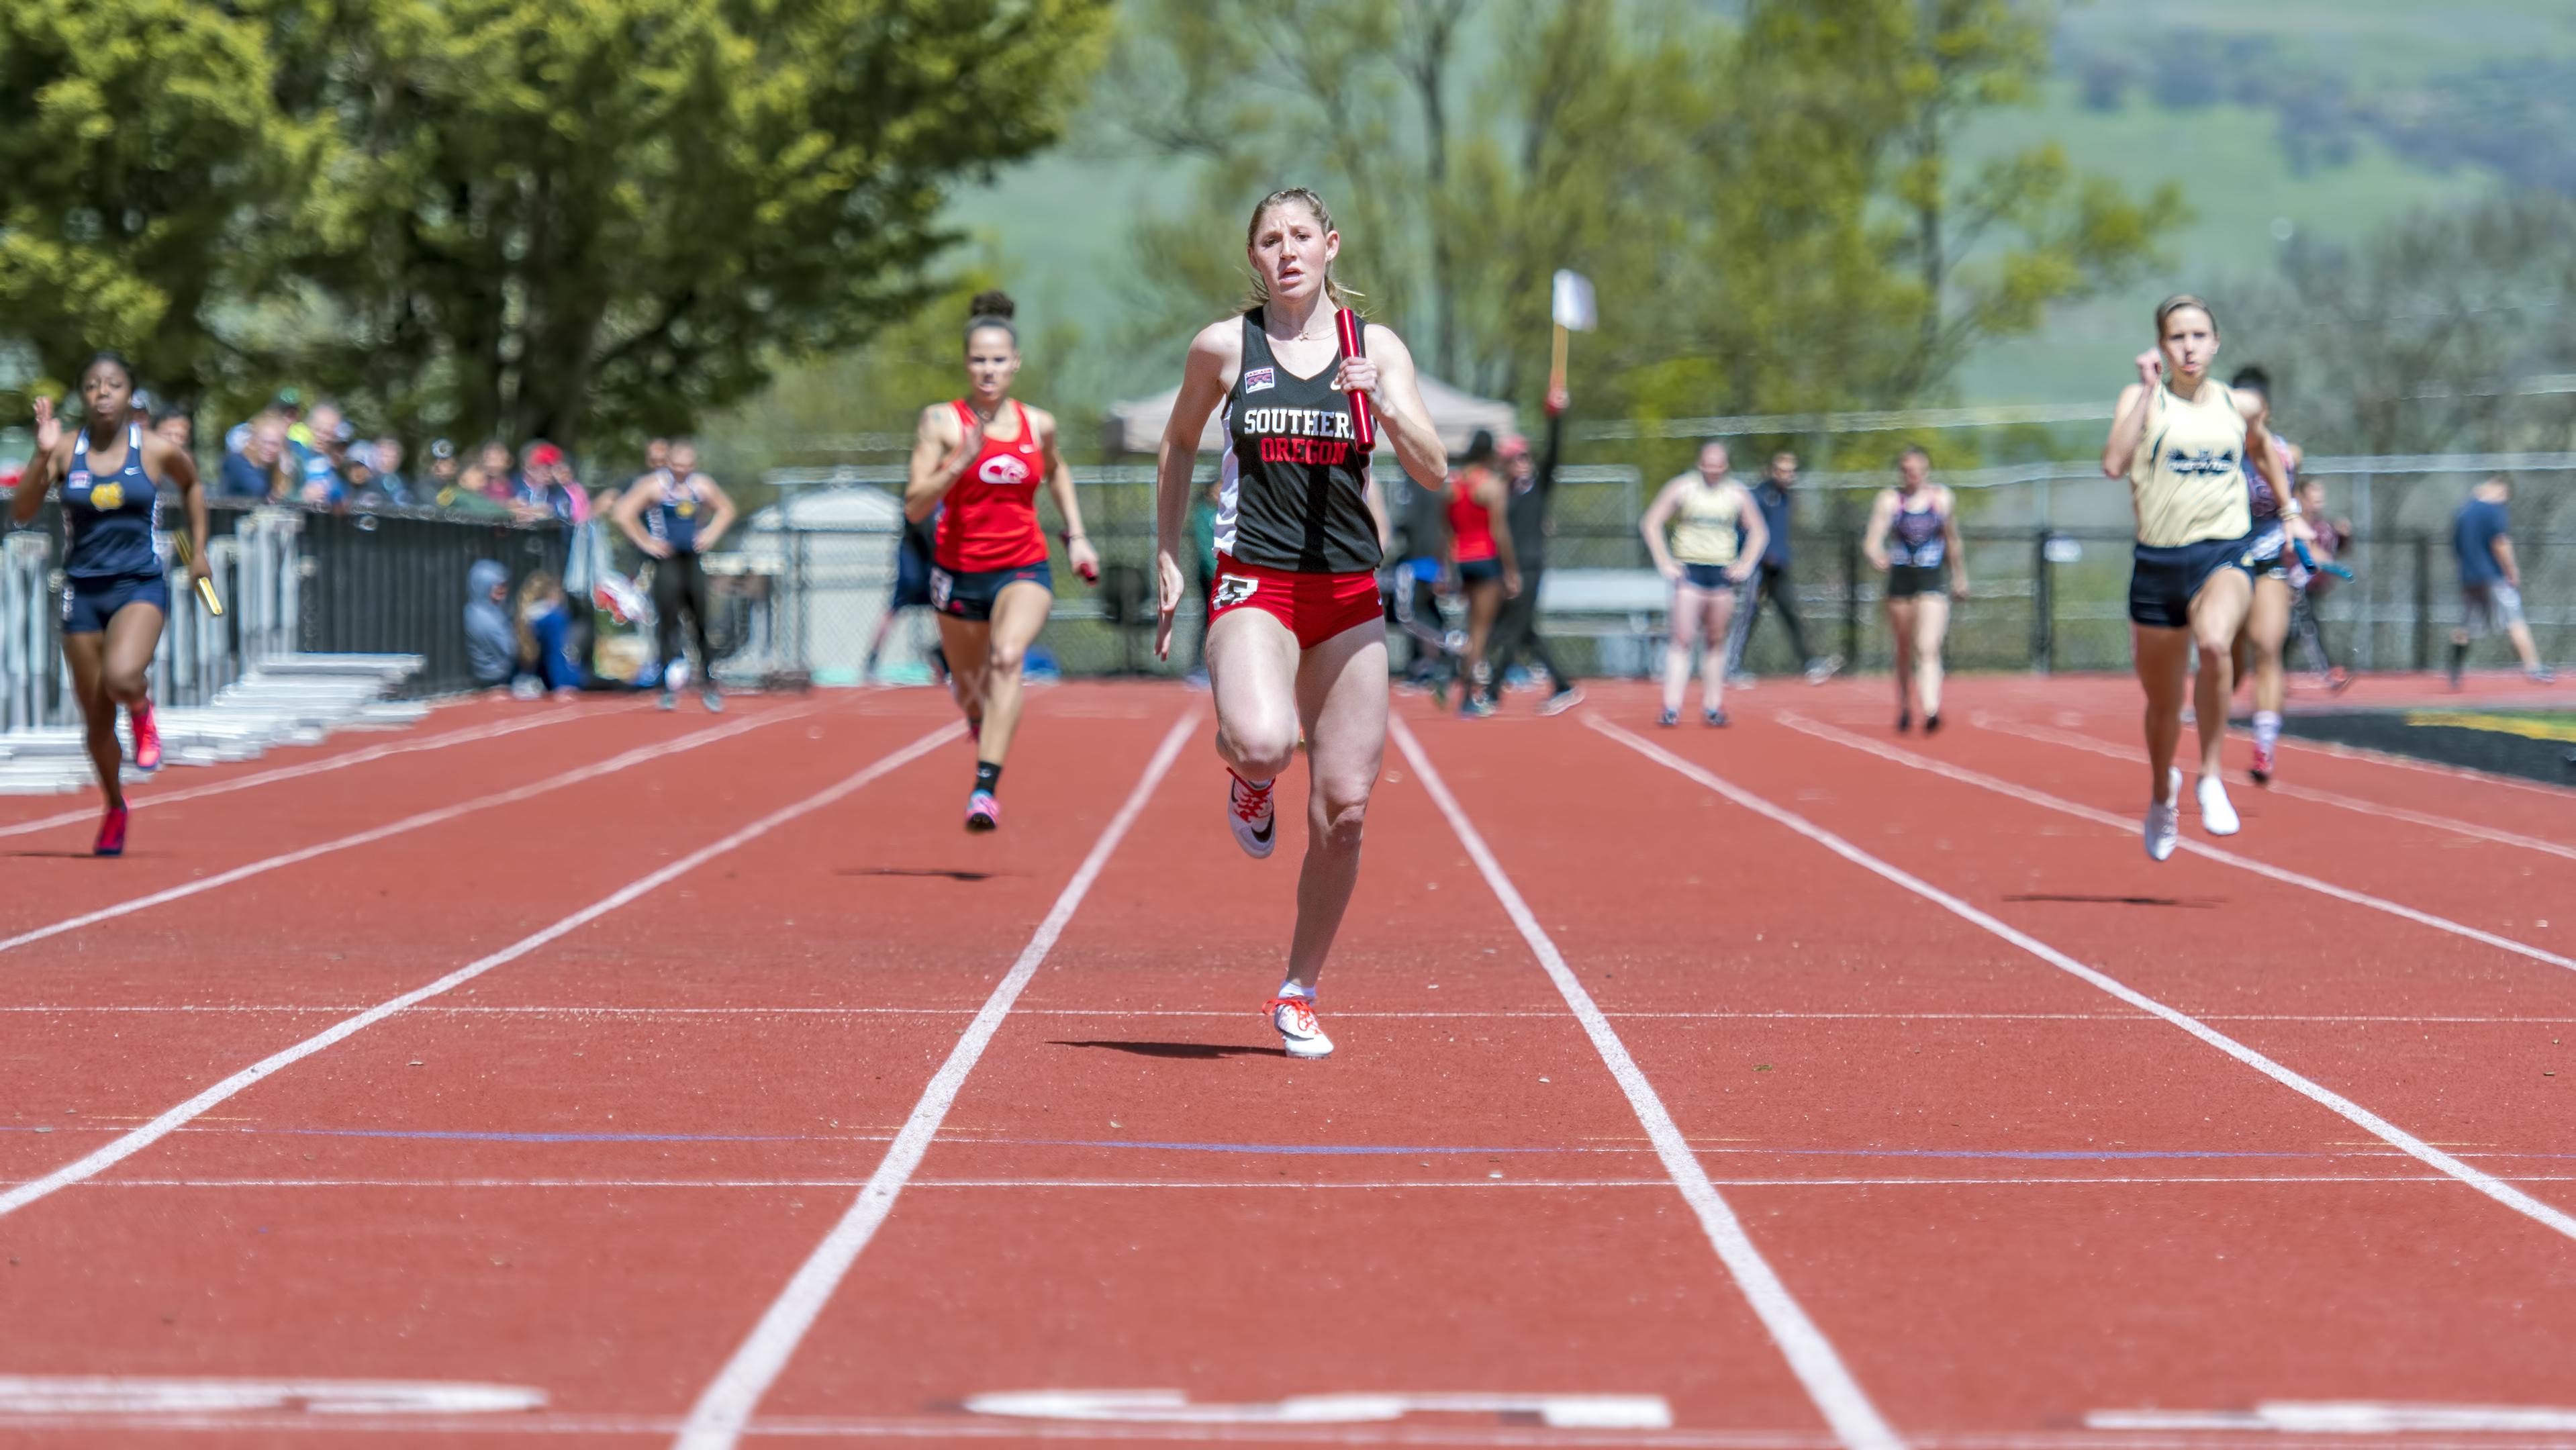 sou track savannah greenwade